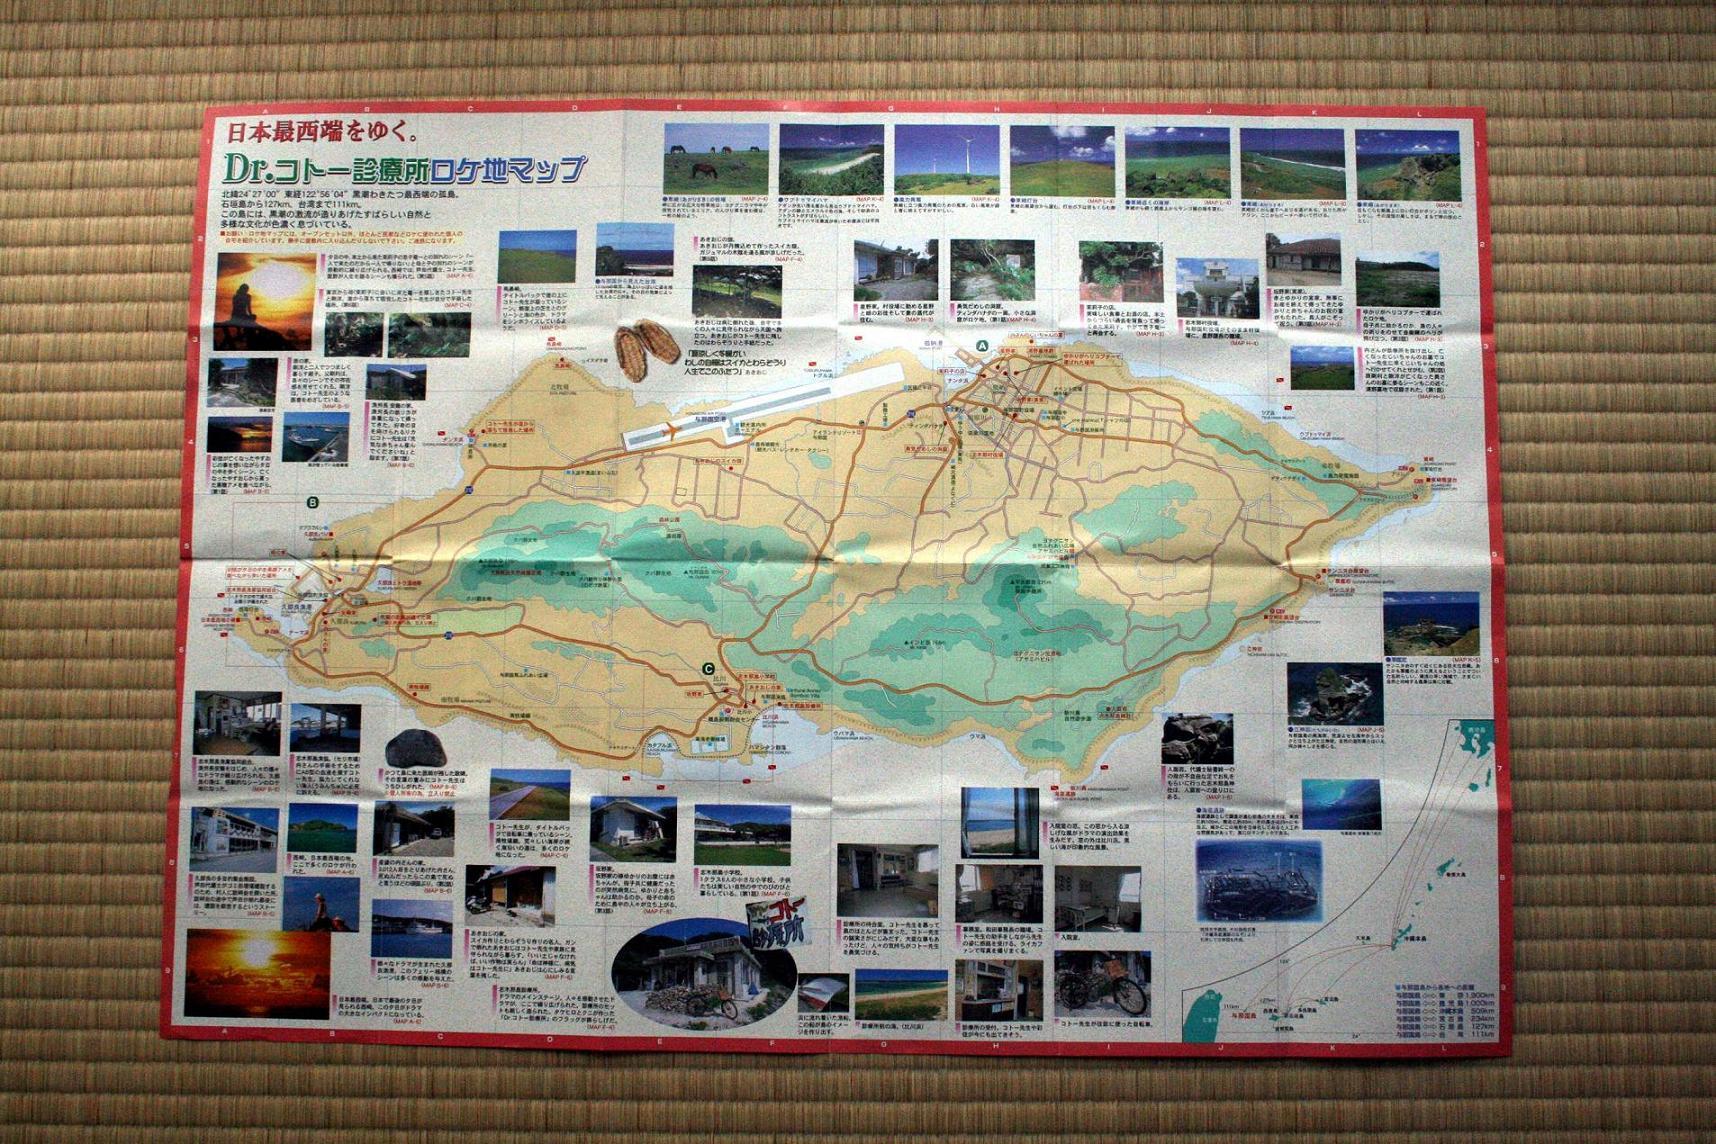 Dr.コトー診療所 ~ロケ地マップ~ 与那国島 増刊号_a0107574_259550.jpg